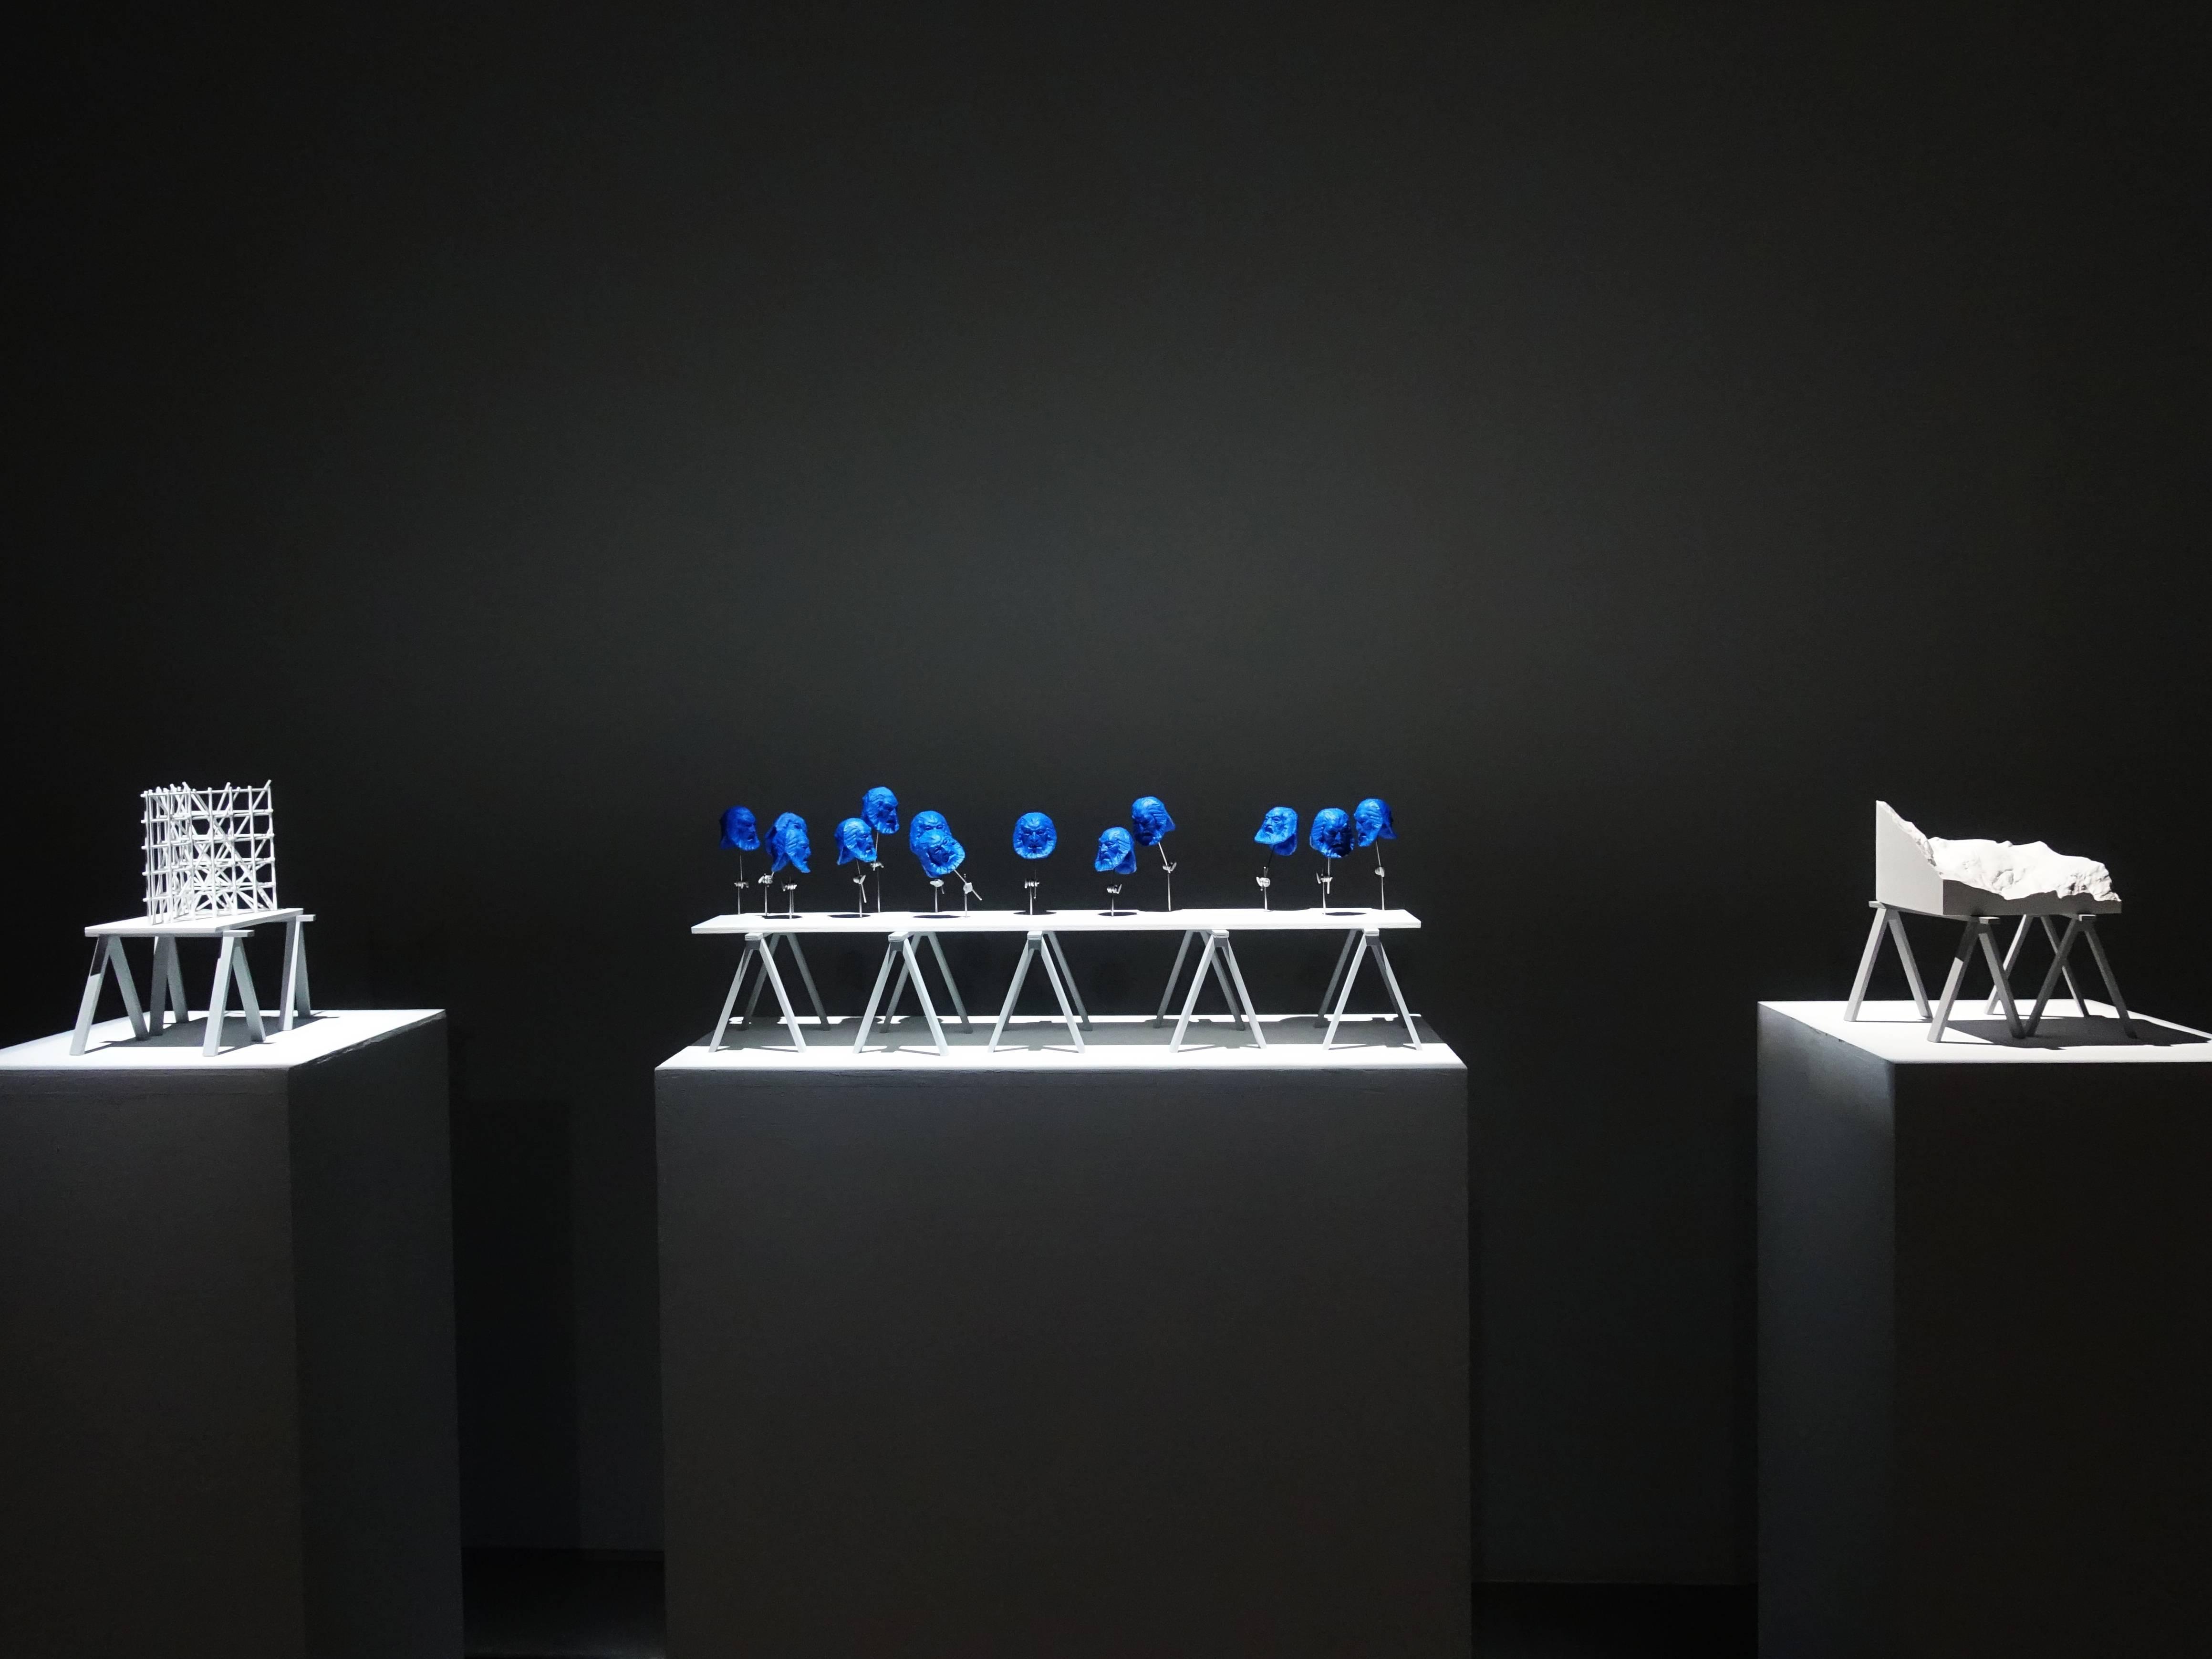 双方藝廊展出德國藝術家佛羅里安.克拉爾裝置作品。